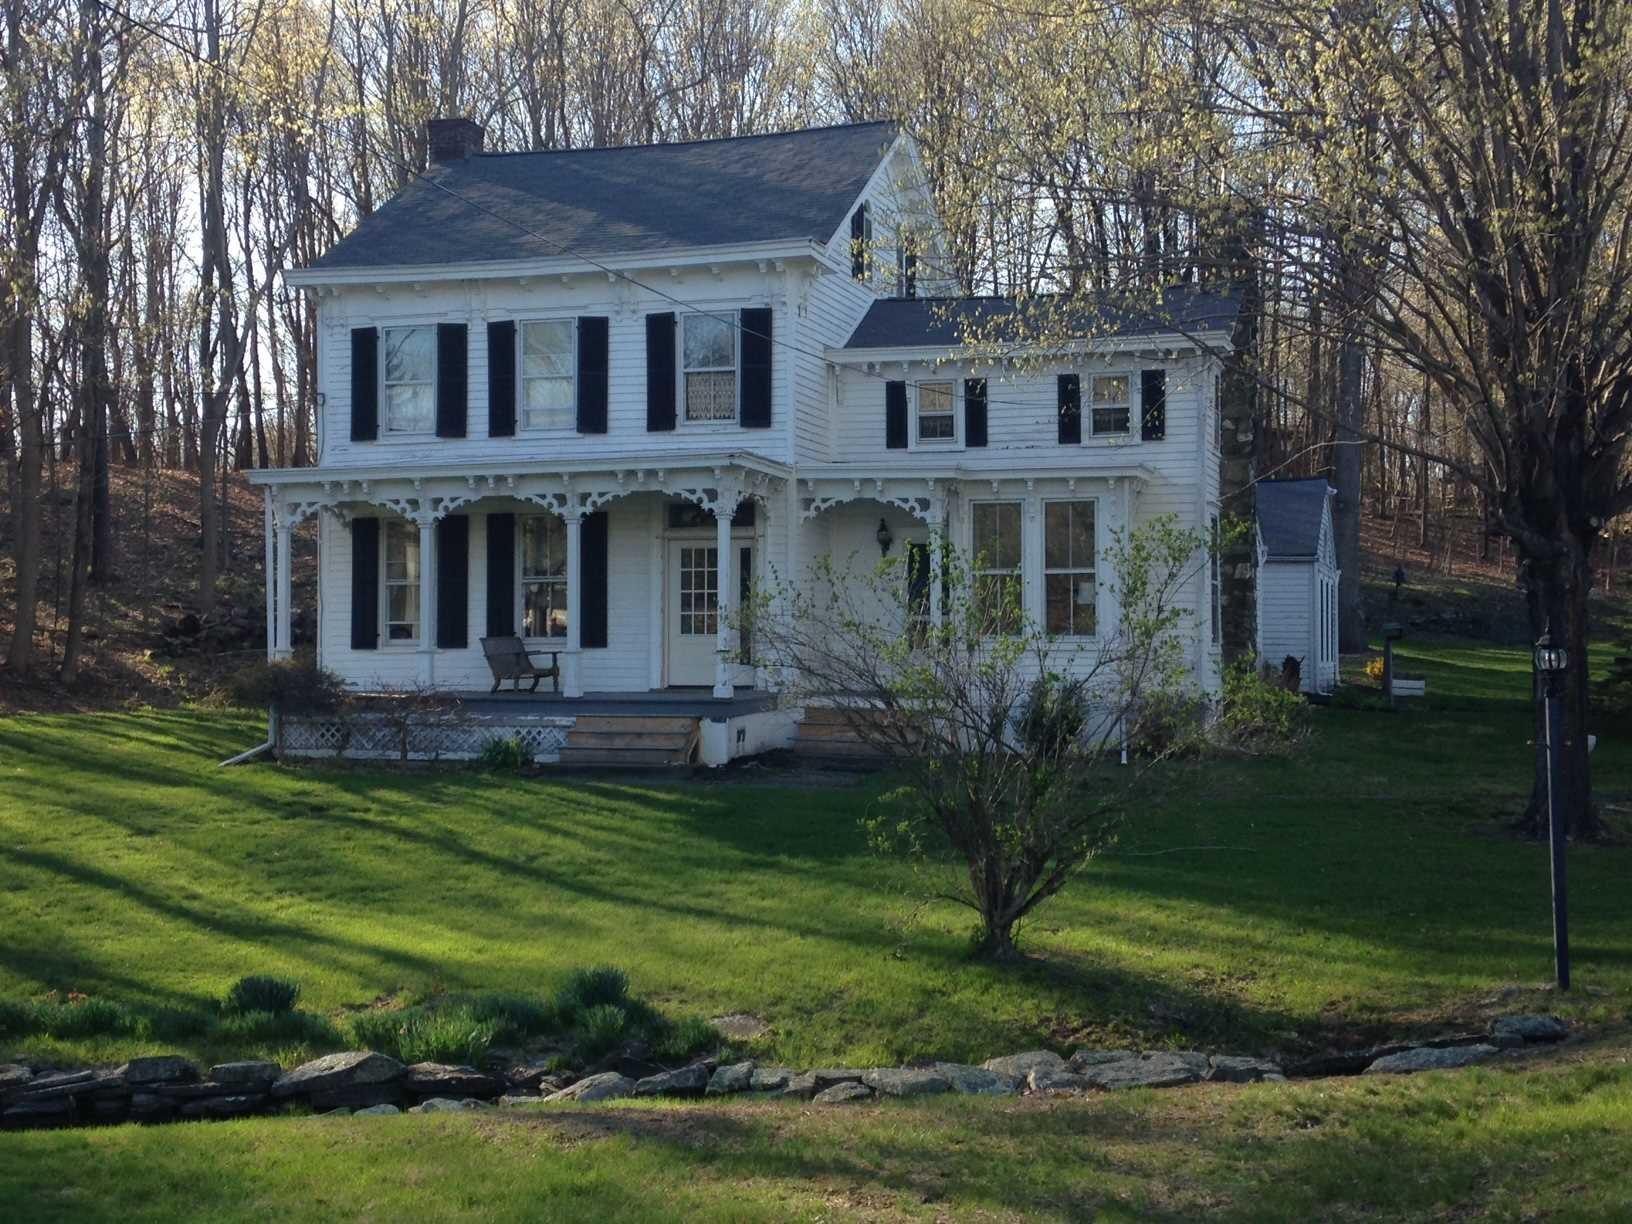 45 MARSHALL RD, Pleasant Valley, NY 12569